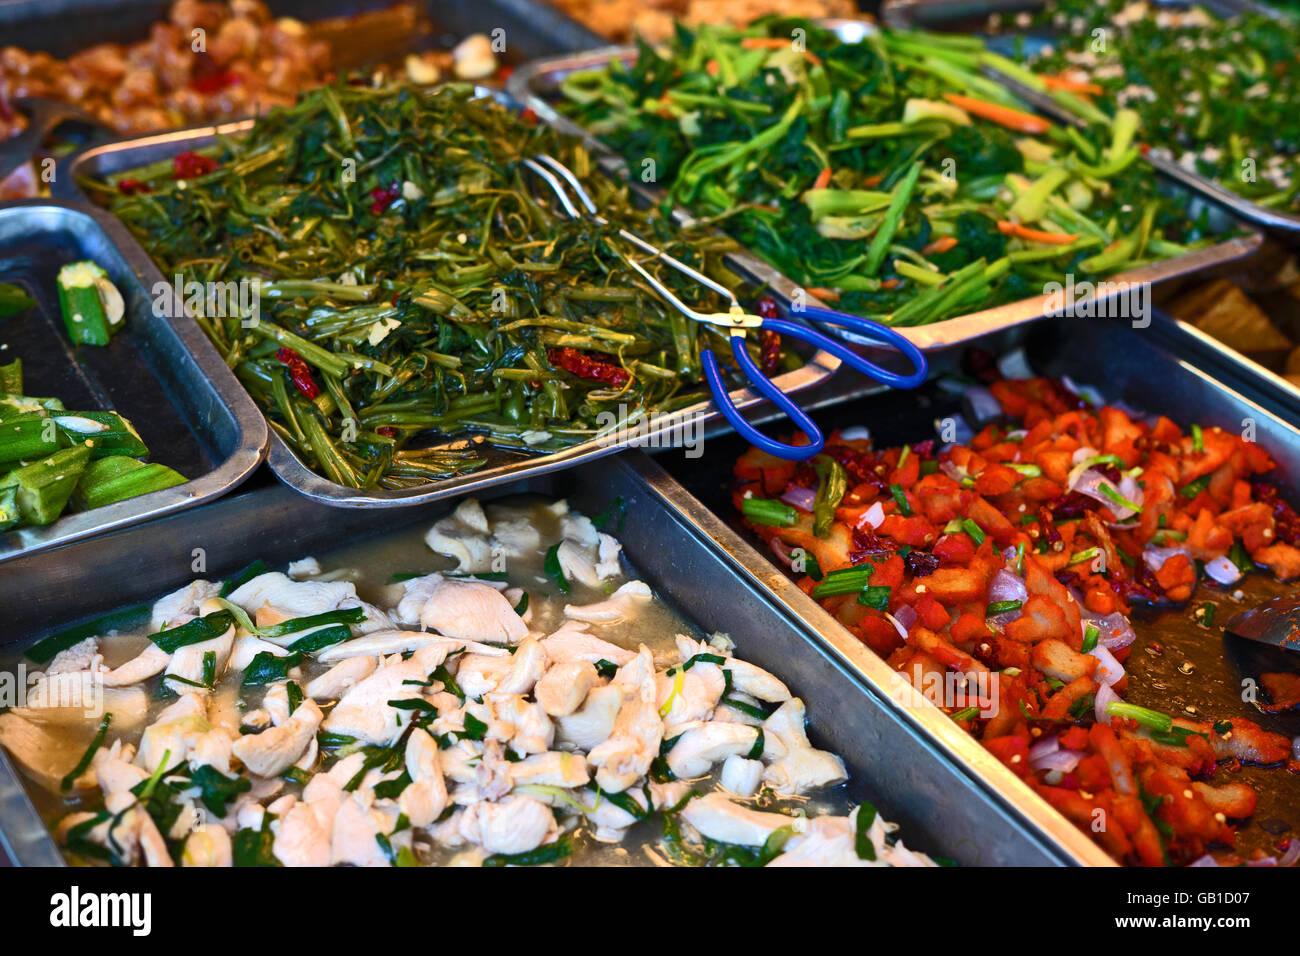 Asia Chinese buffet self serve food in silver trays in Malaysia, Kuala Lumpur - Stock Image